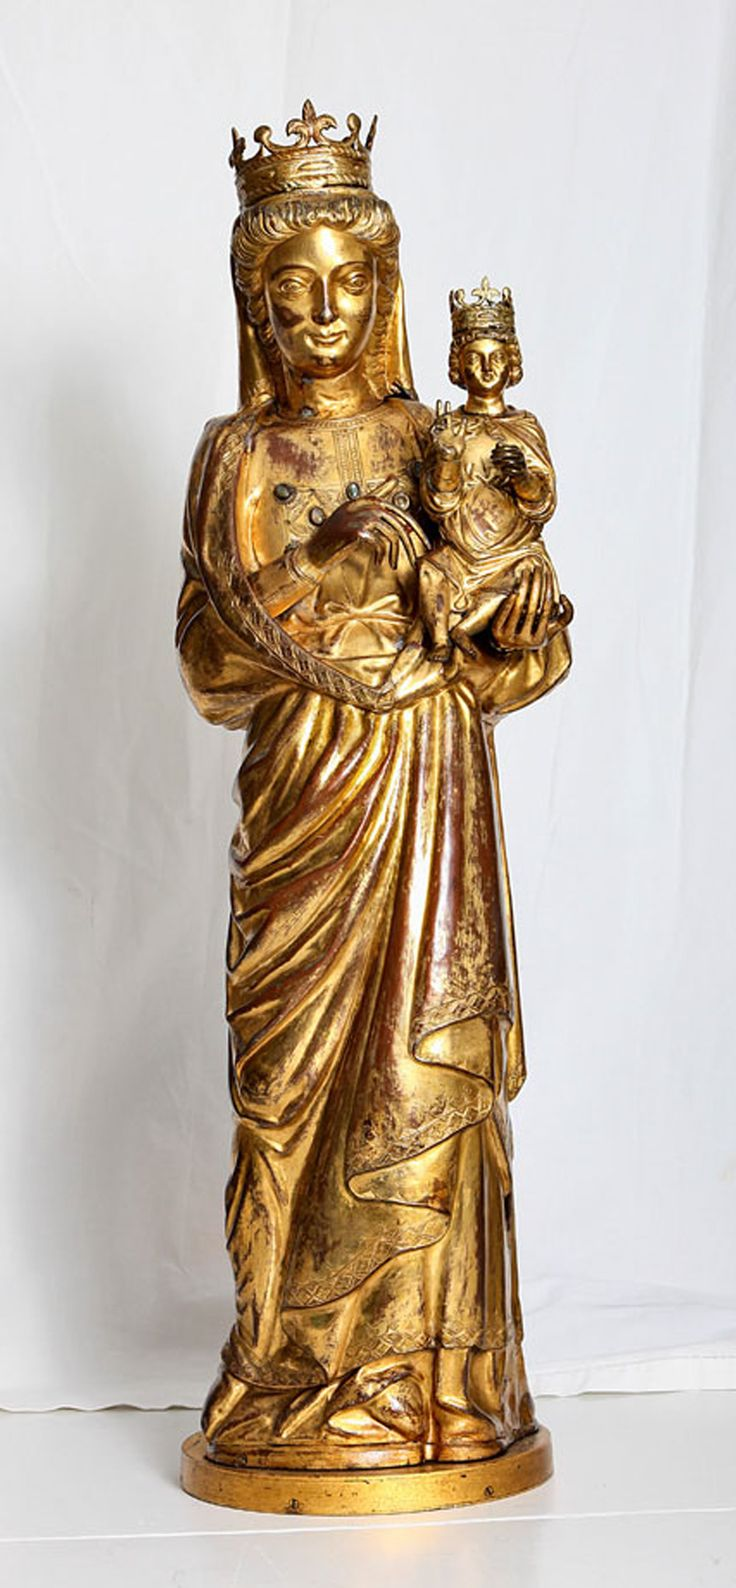 Tesoro del Duomo di Milano, Madonna con bambino, sec. XIV, rame dorato, cristalli e corallo (restauro 2012)